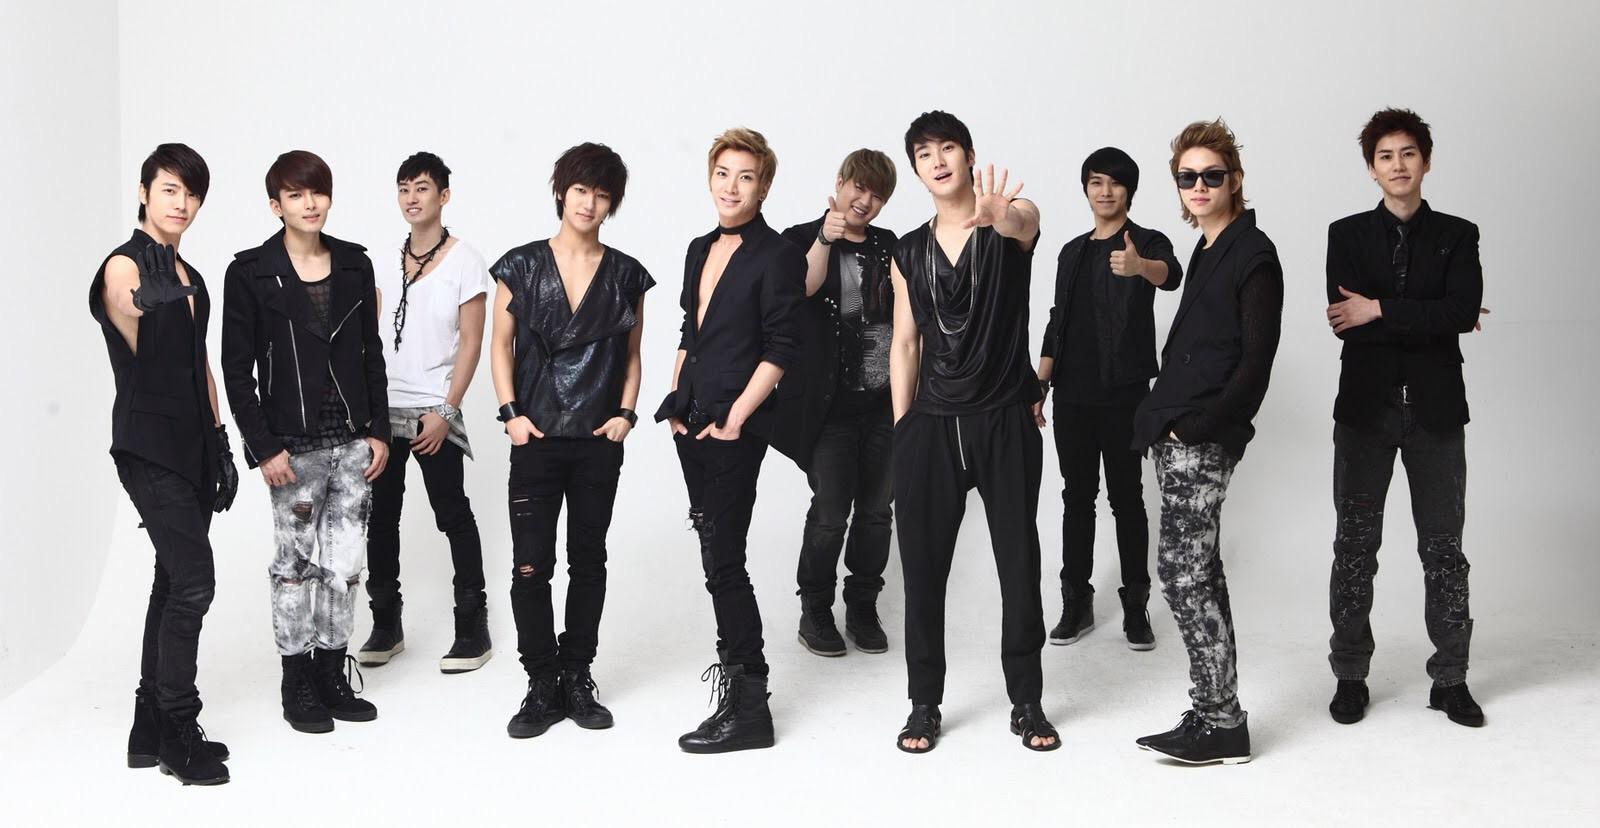 Ngày ấy cuối cùng cũng đã đến: Super Junior sắp sửa comeback với đội hình đầy đủ thành viên! - Ảnh 2.